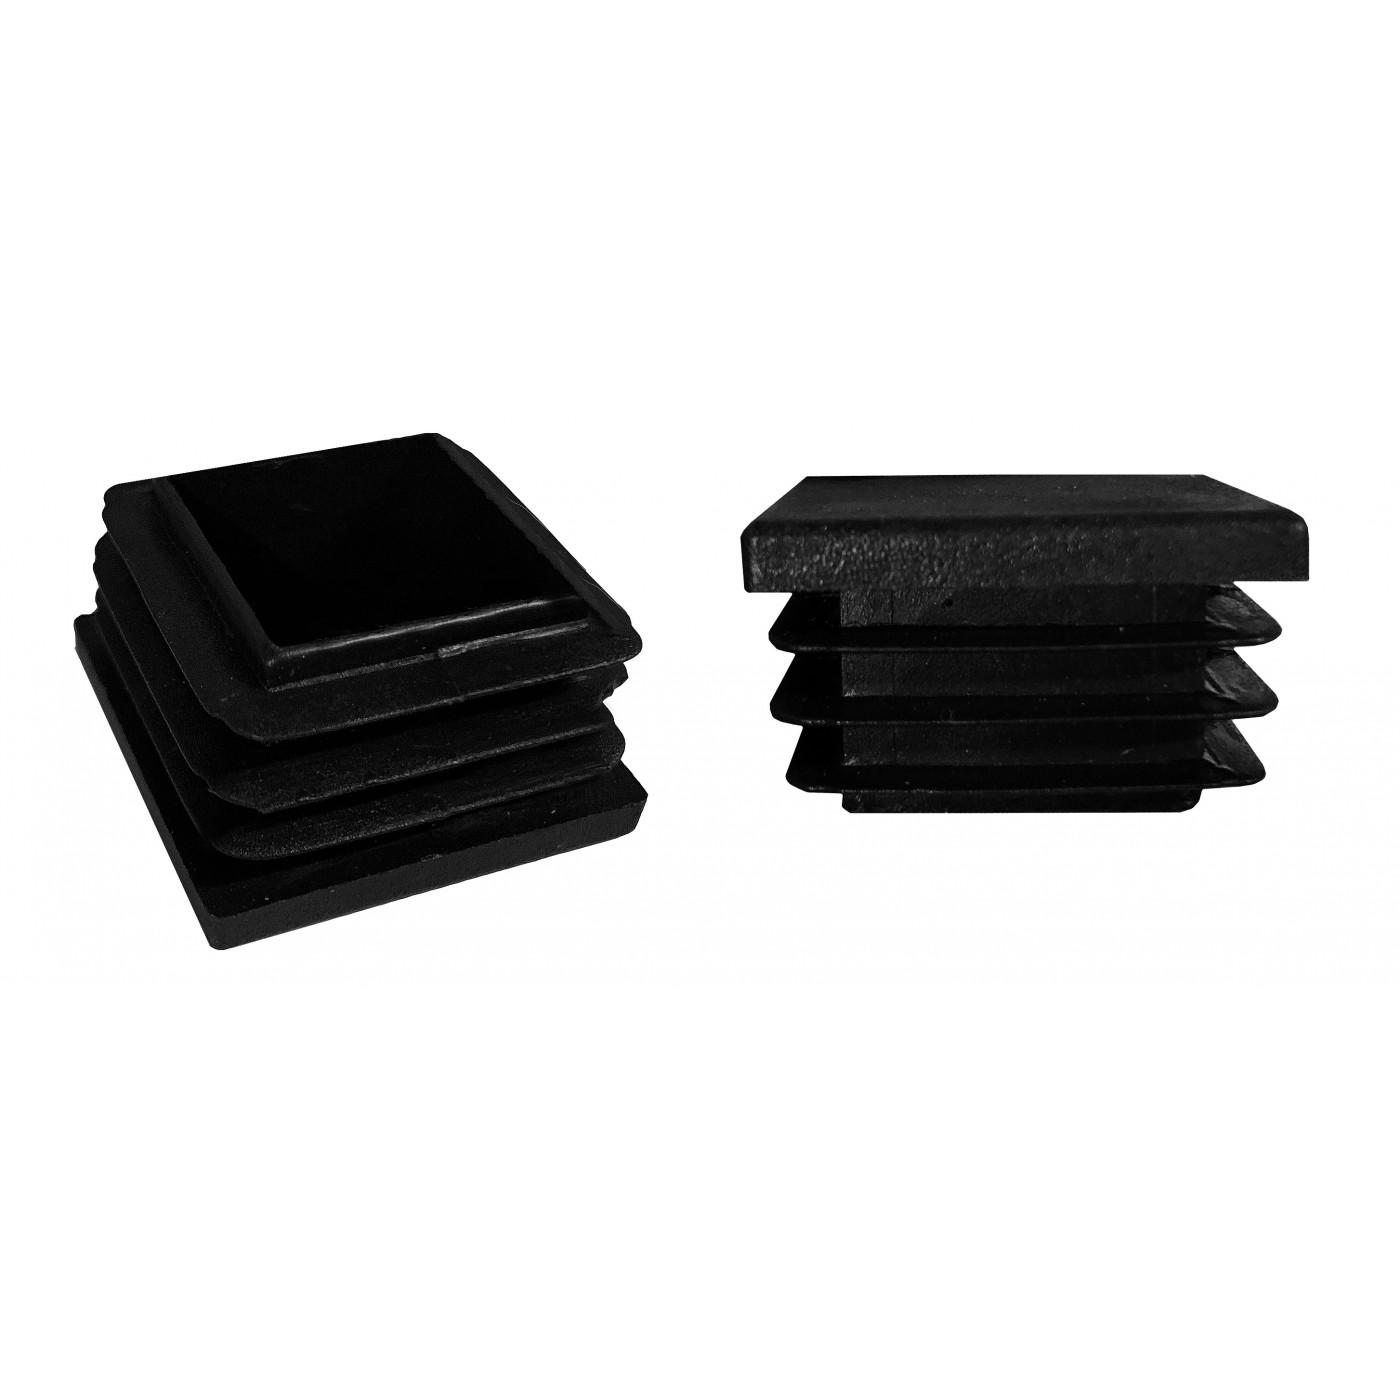 Ensemble de 50 embouts de fauteuil (F17/E19/D20, noir)  - 1